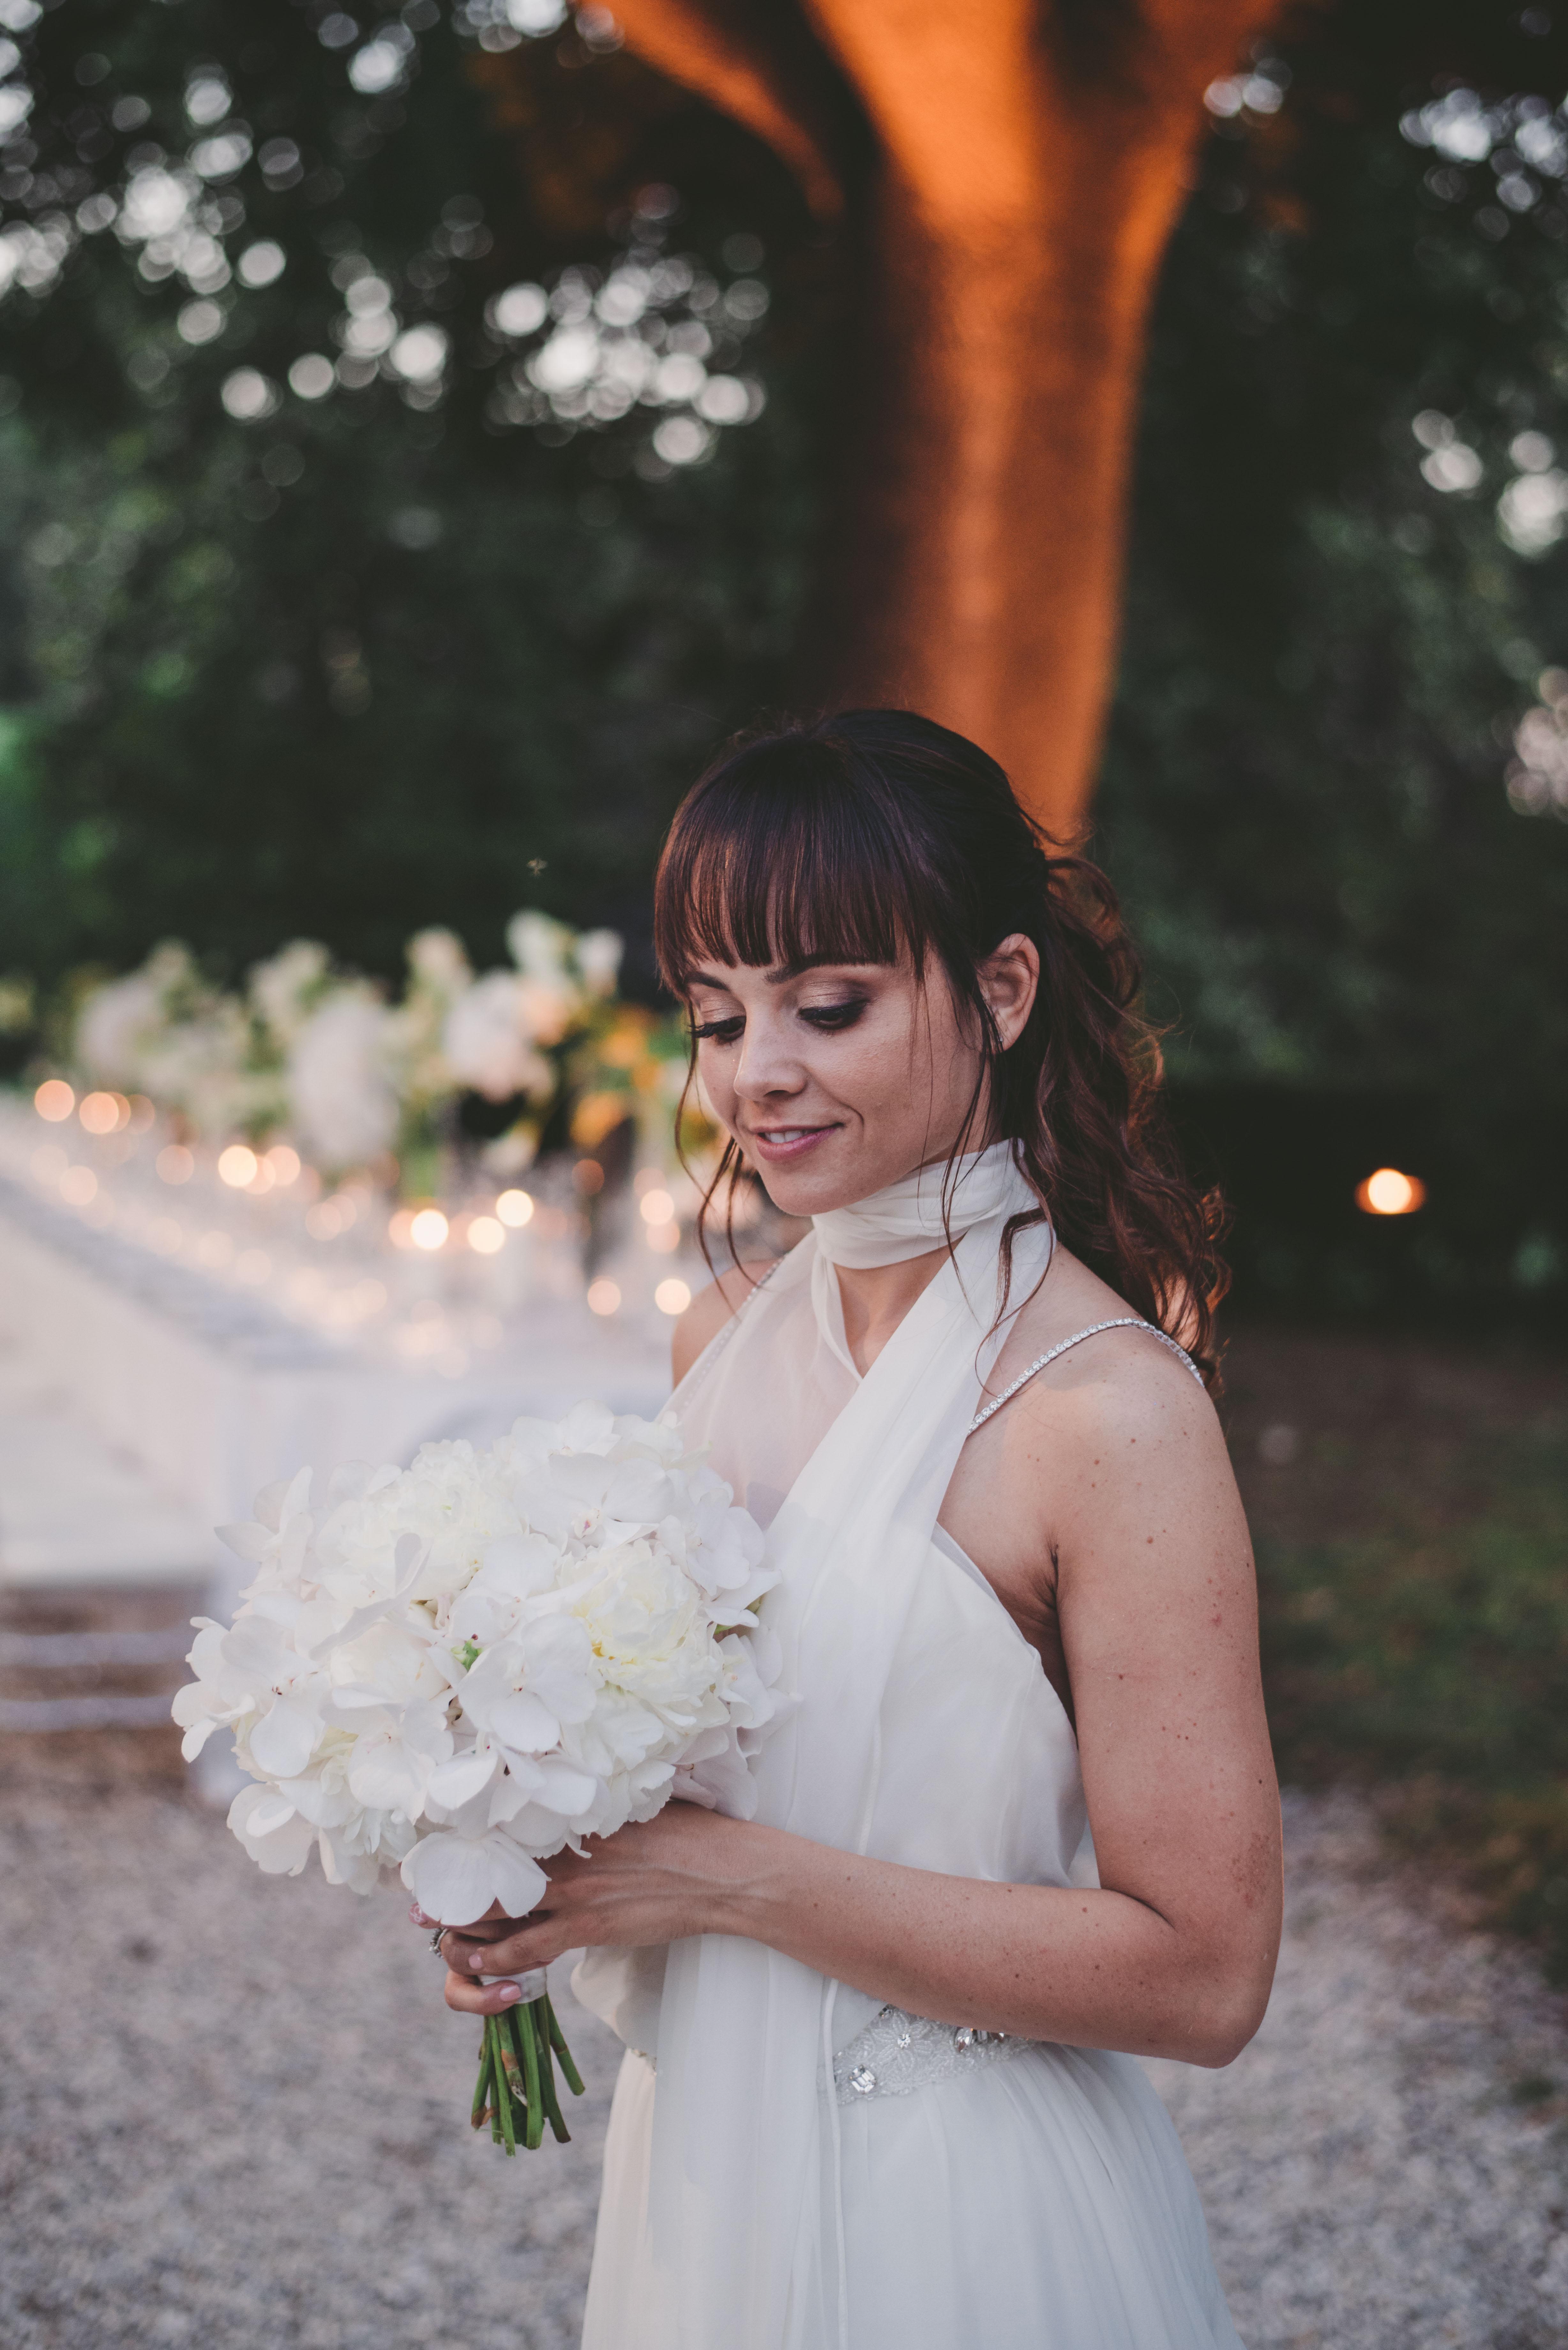 la cris wedding planner - scelta abito sposa